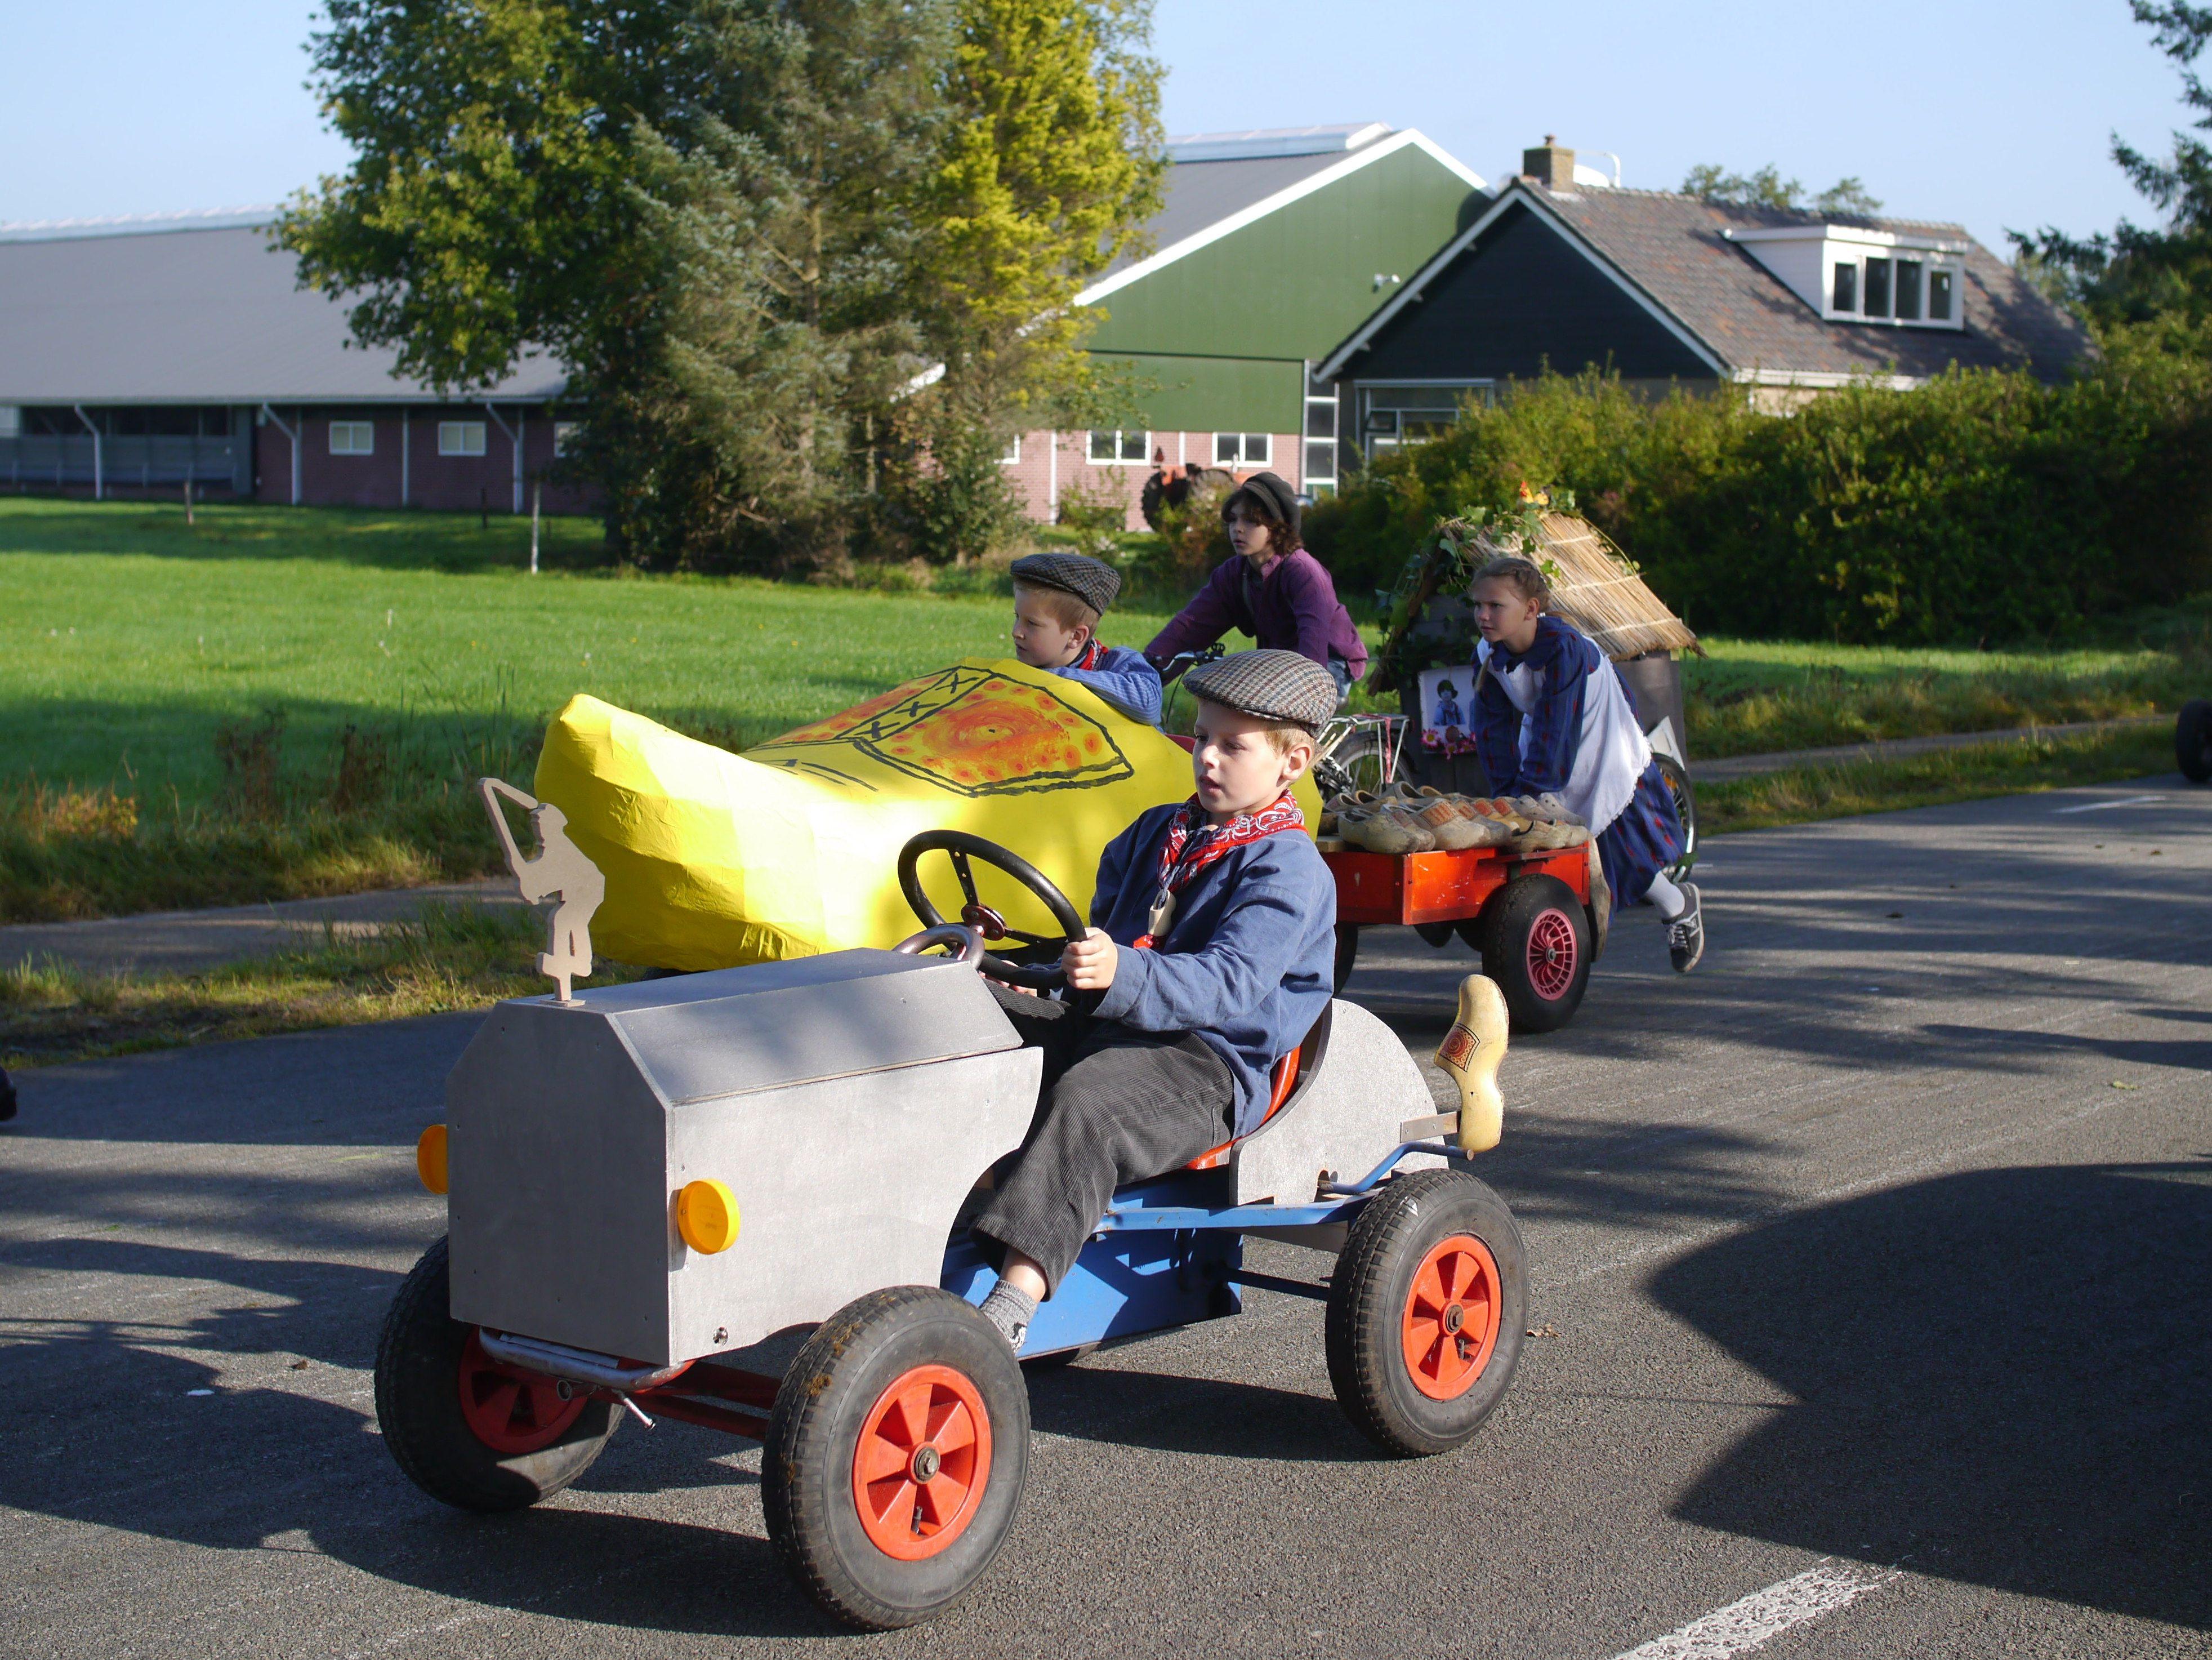 Een klomp als wagen  mET DE OPTOCHT IN oUDEHORNE. Friesland